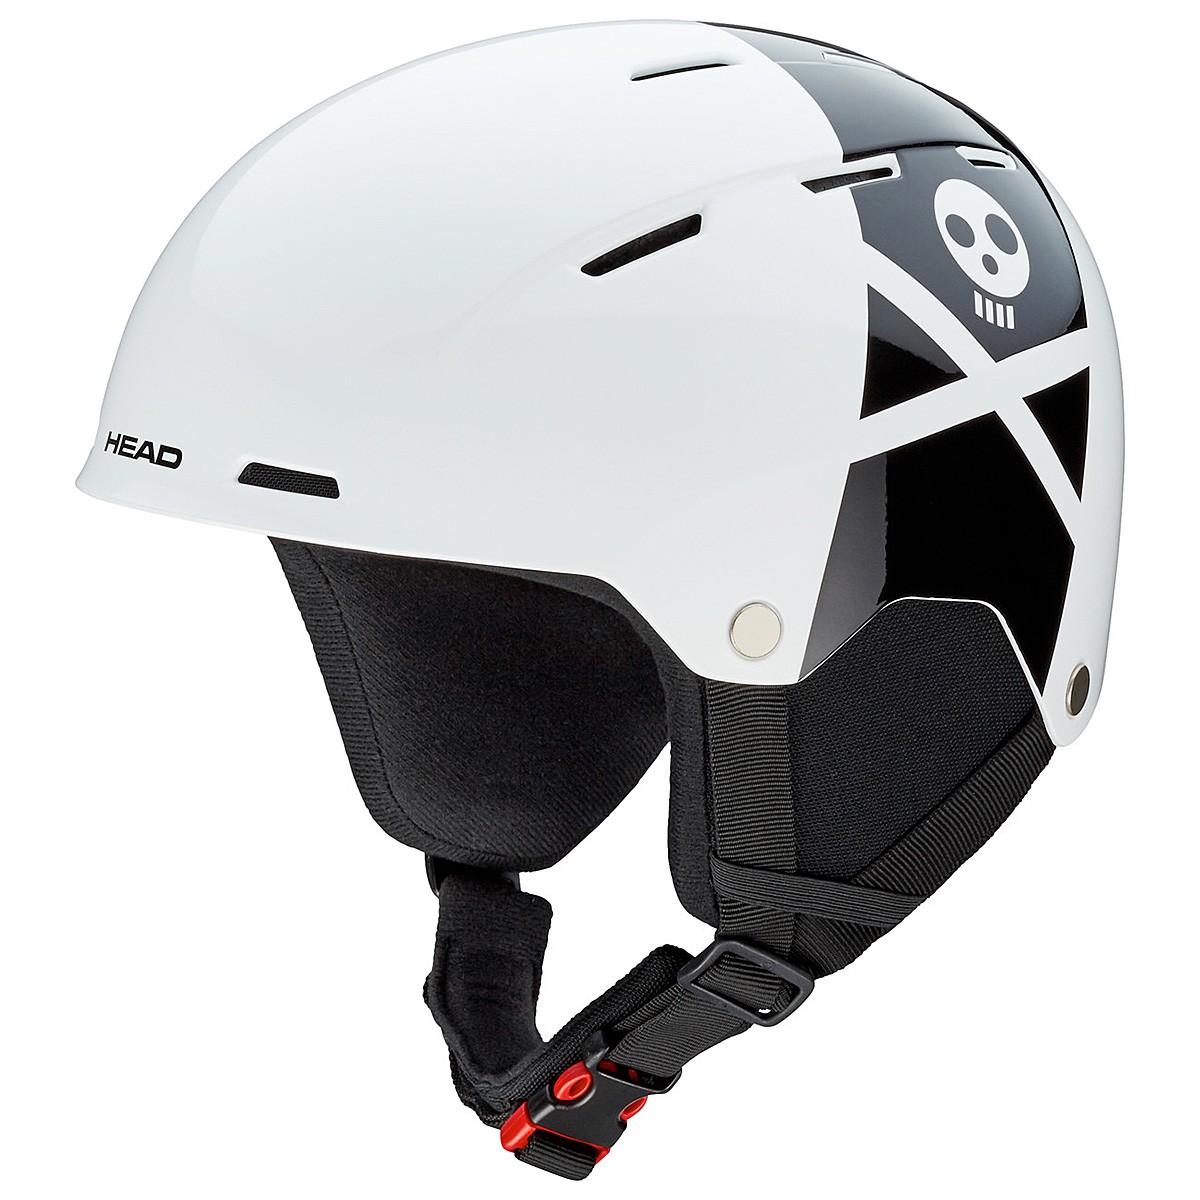 Casco snowboard Head Taylor (Colore: bianco-nero, Taglia: 52/55)